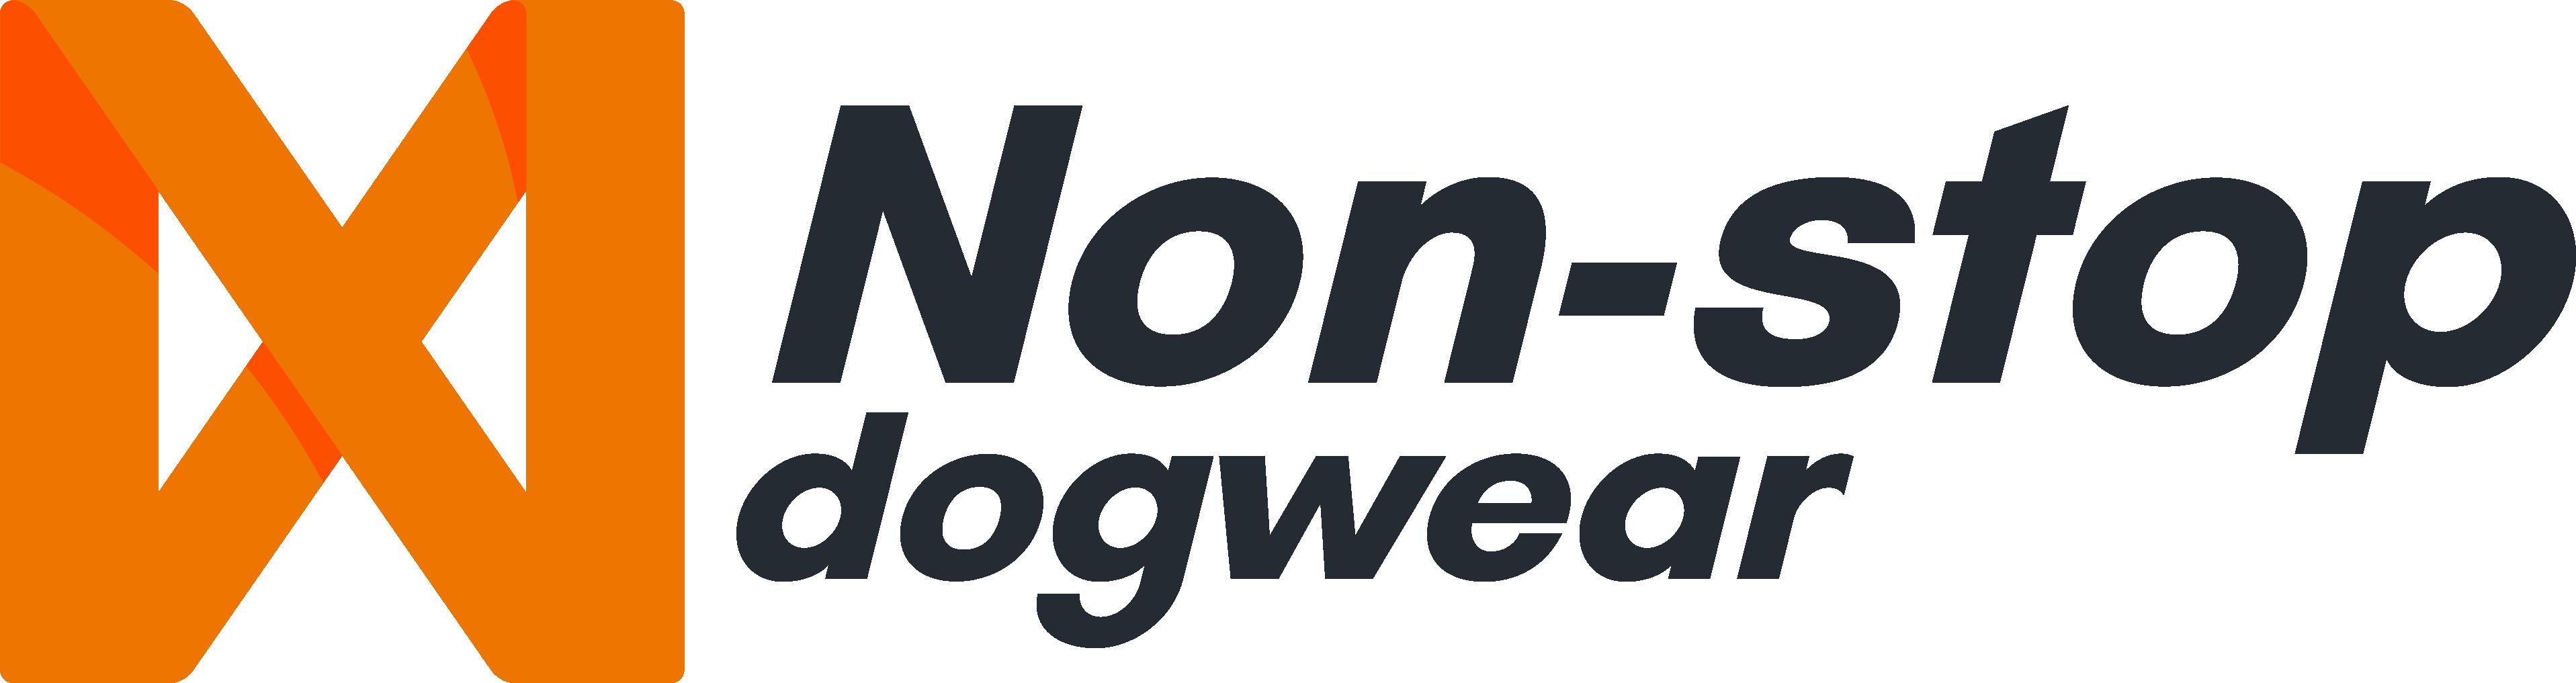 Non-Stop dogwear